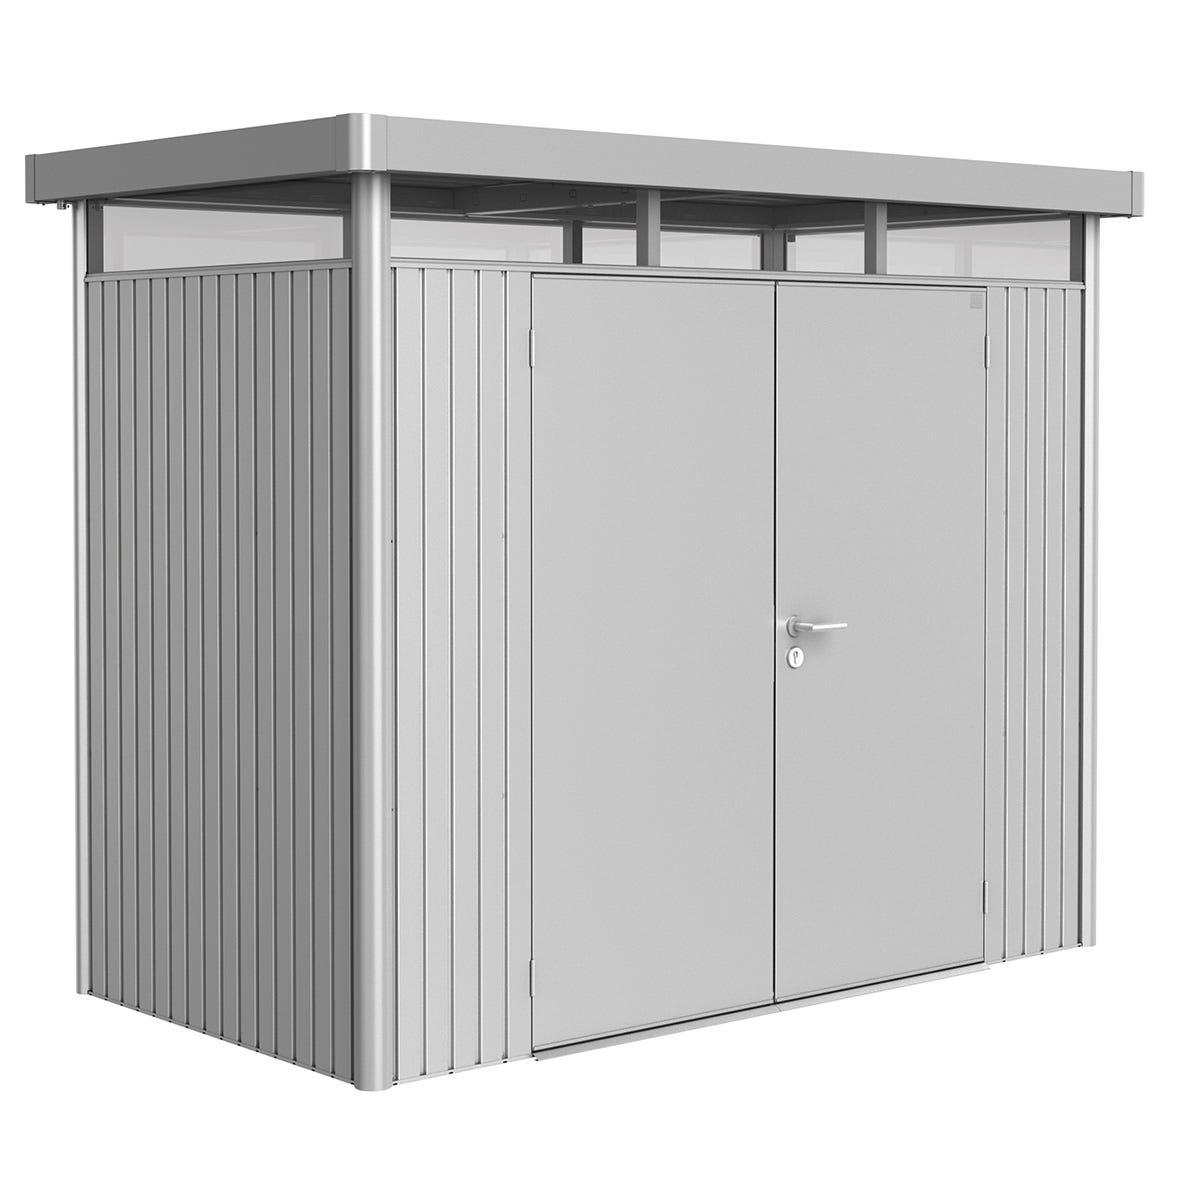 Biohort Highline Metal Shed H1 Double door 9 x 5 - Metallic Silver